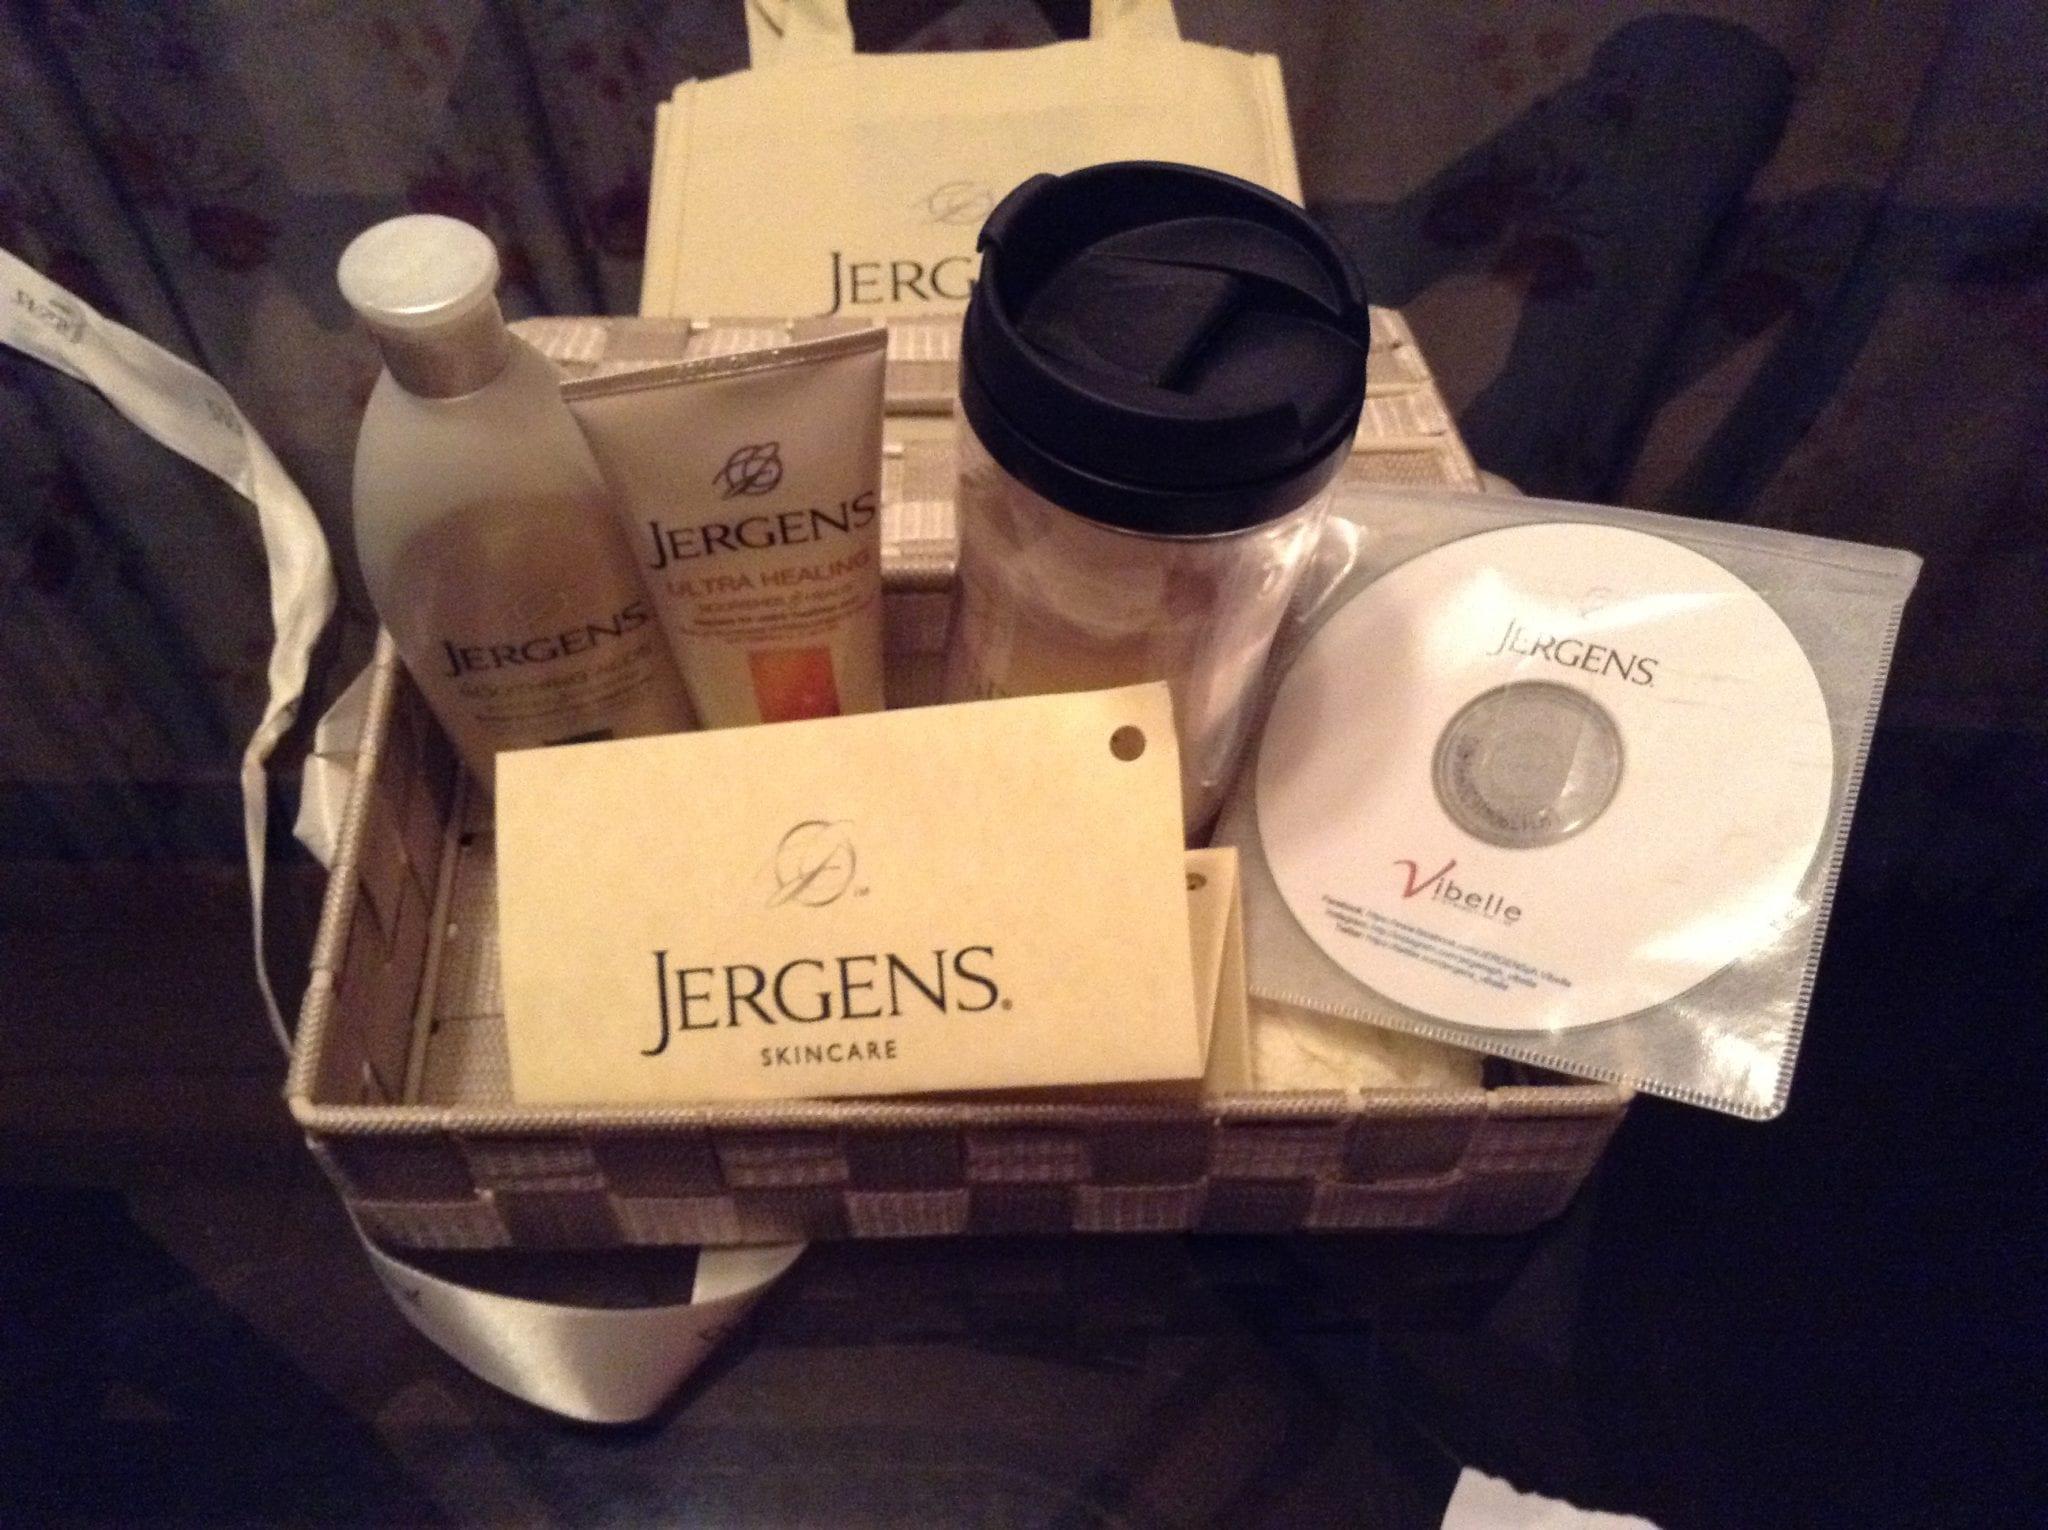 Jergens 7 Day Challenge